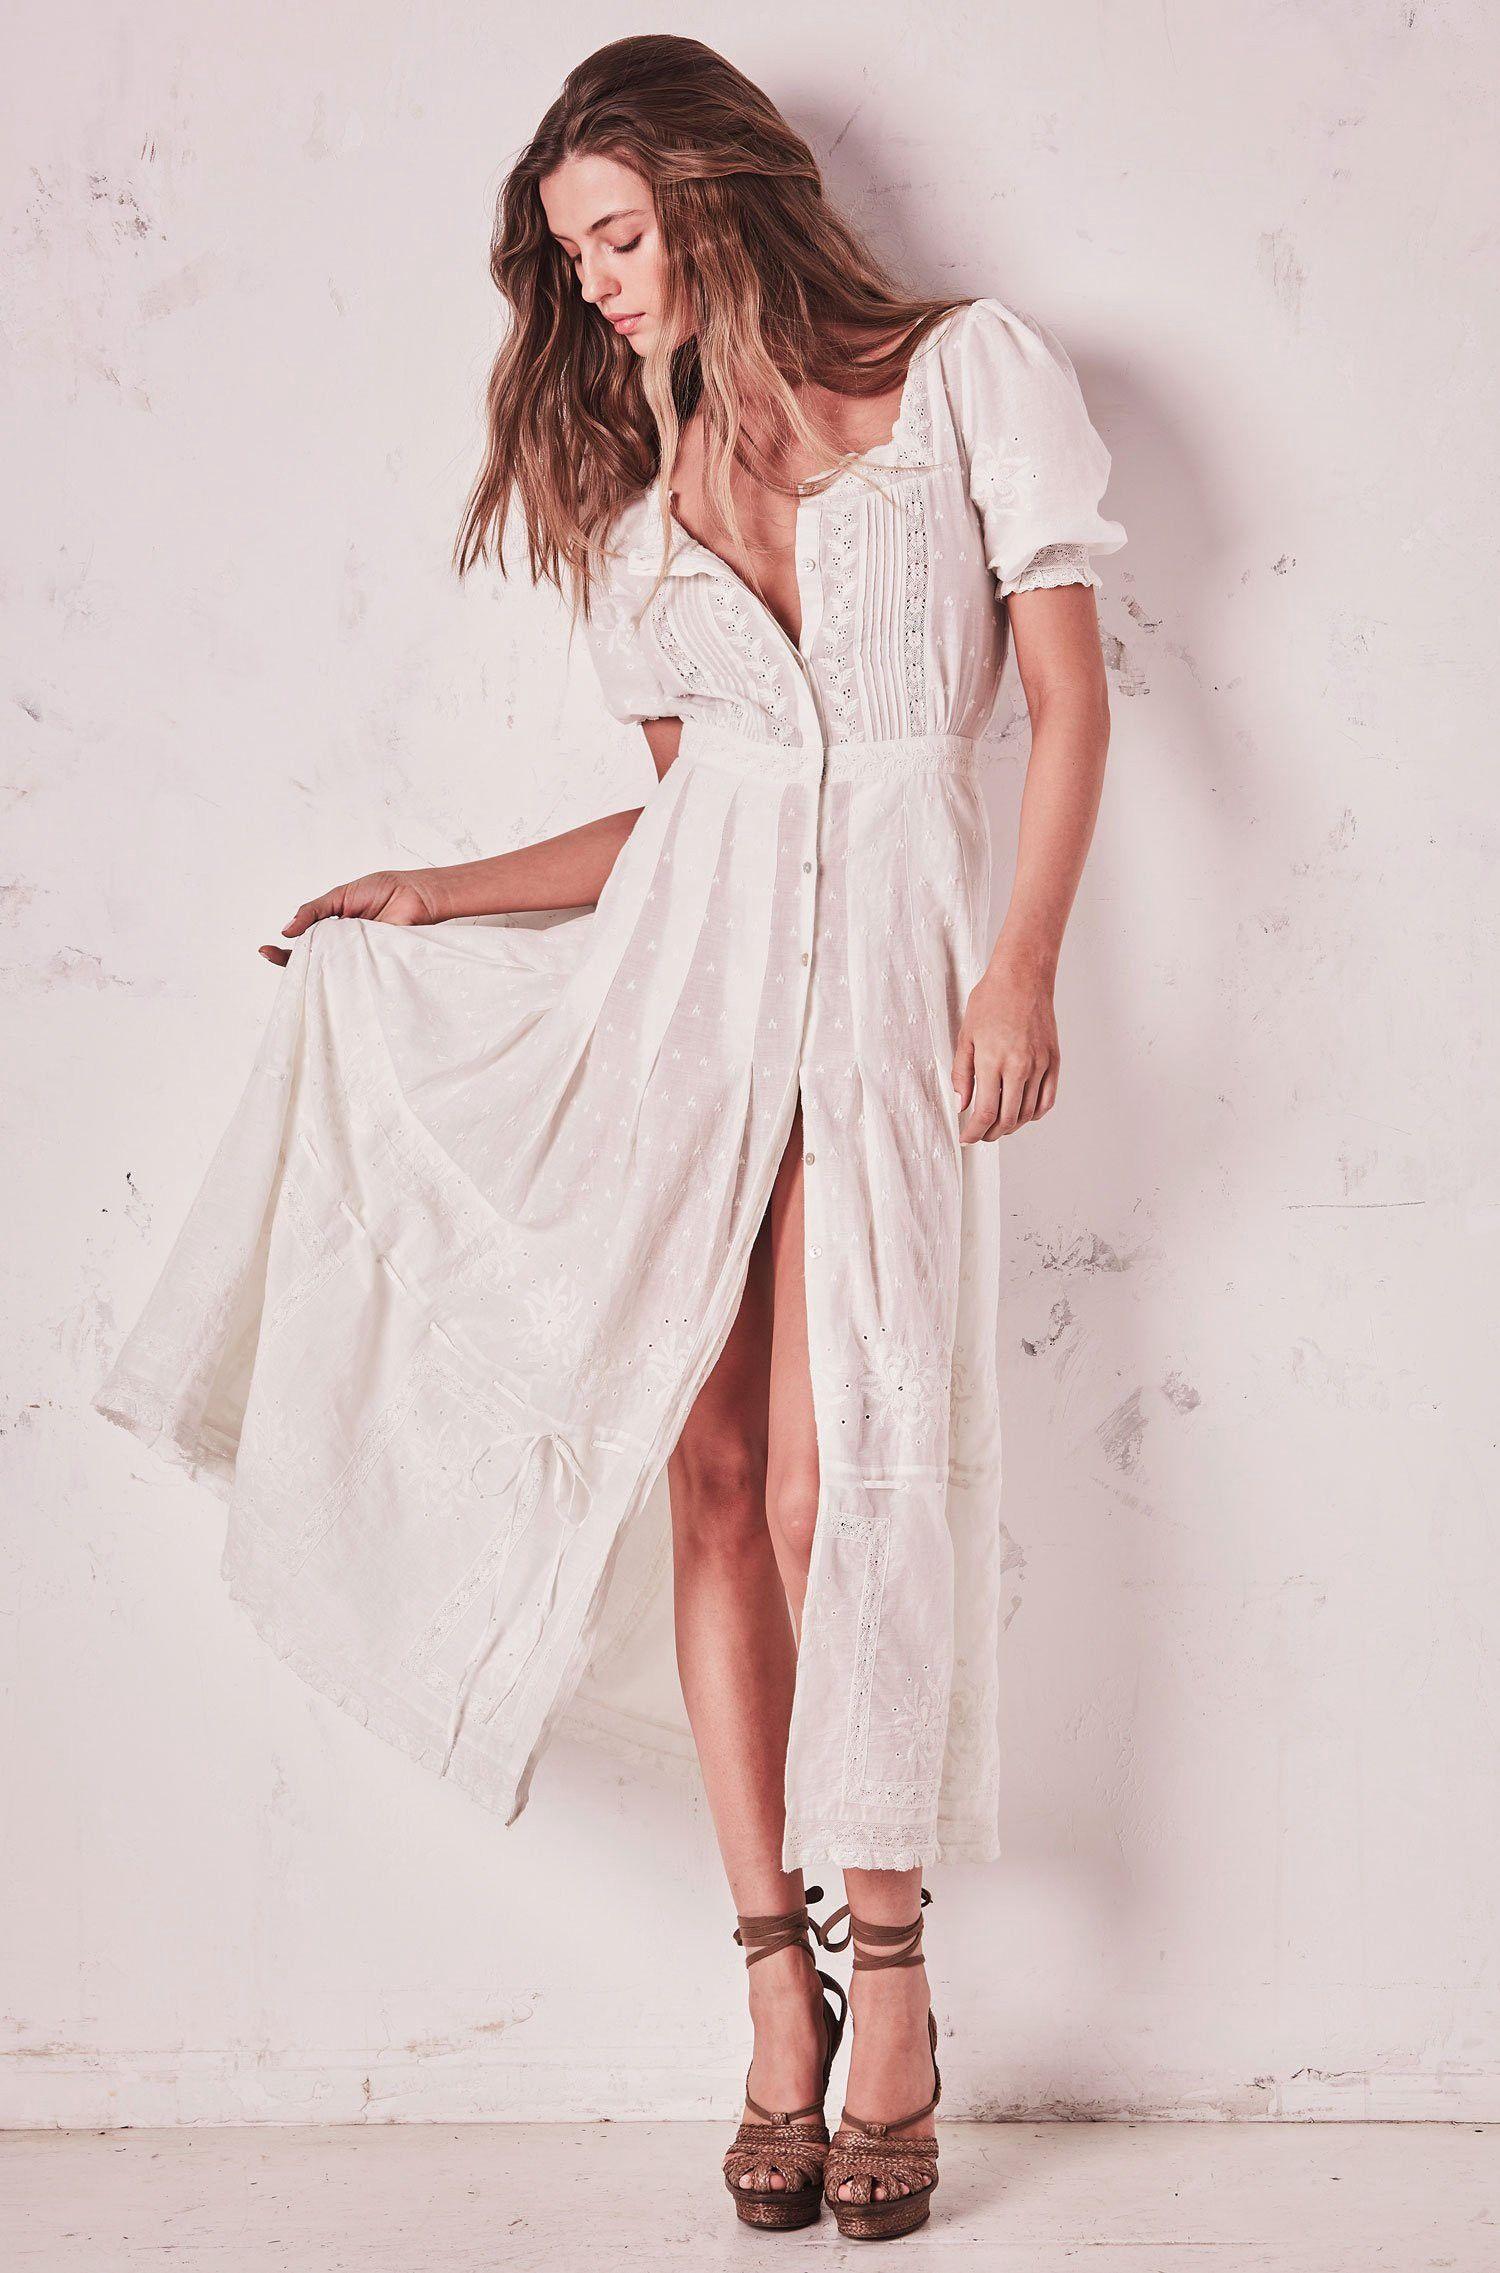 dfd01554262 Helena Dress by LoveShackFancy in 2018 | Products | Pinterest ...